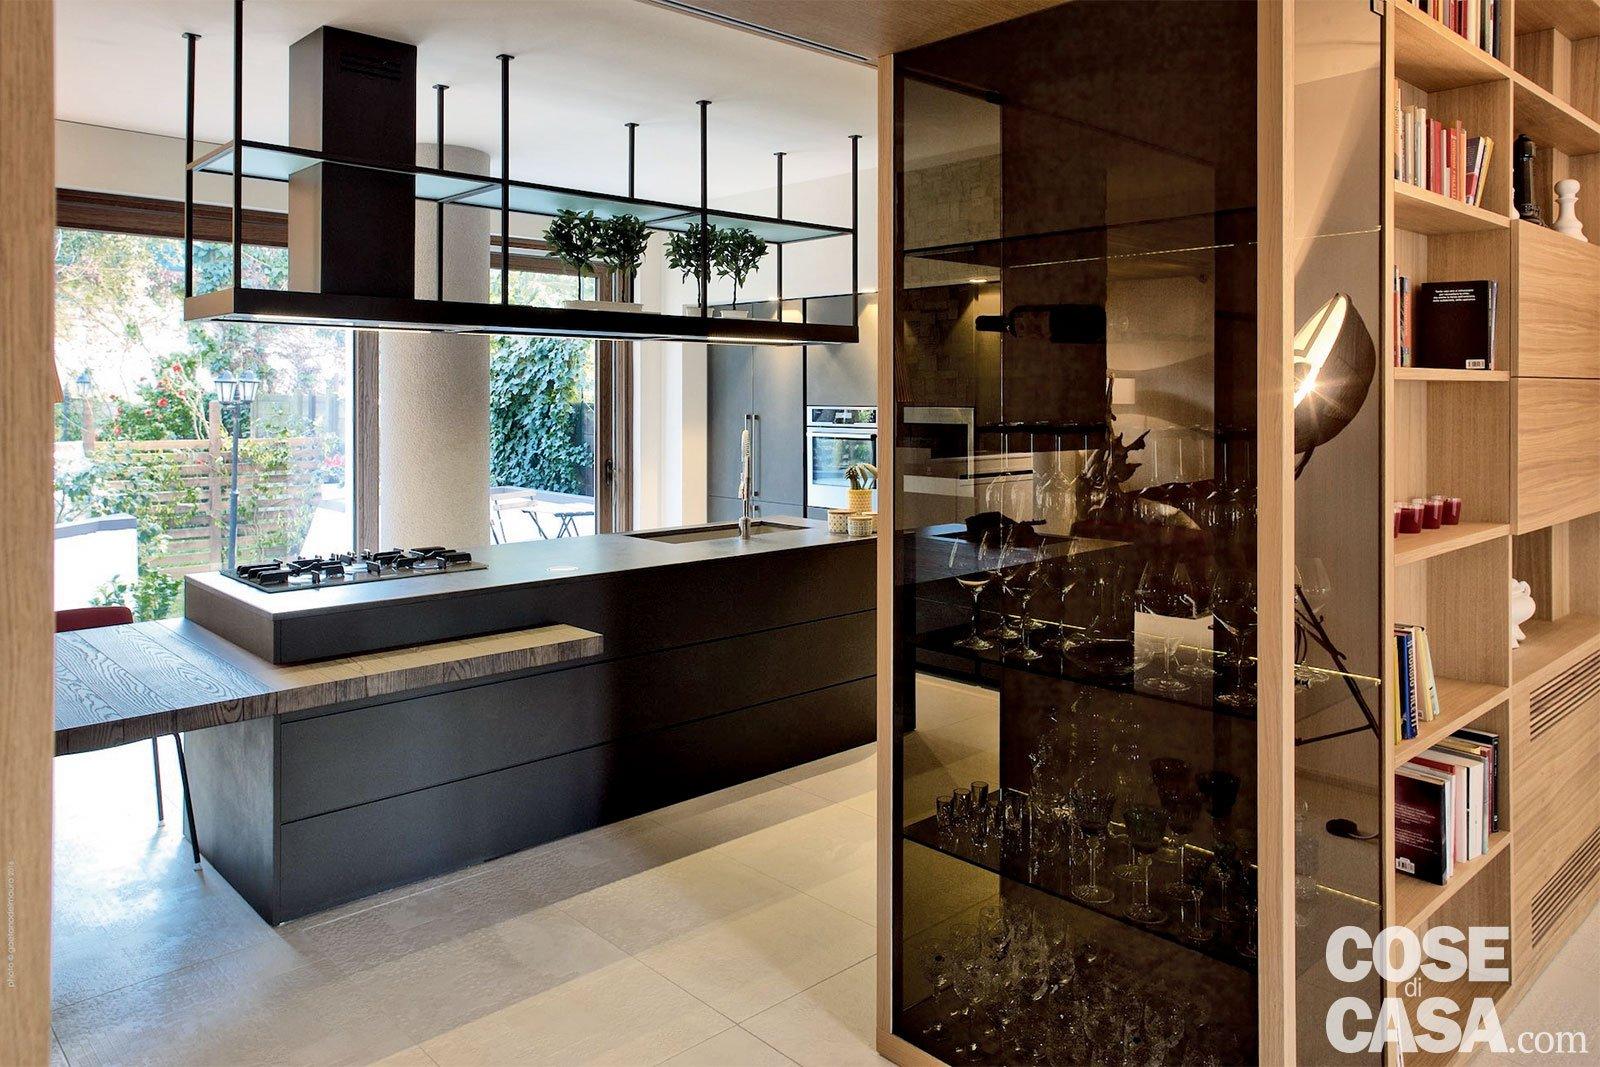 Rustico moderno: una casa con un mobile che divide cucina e ...